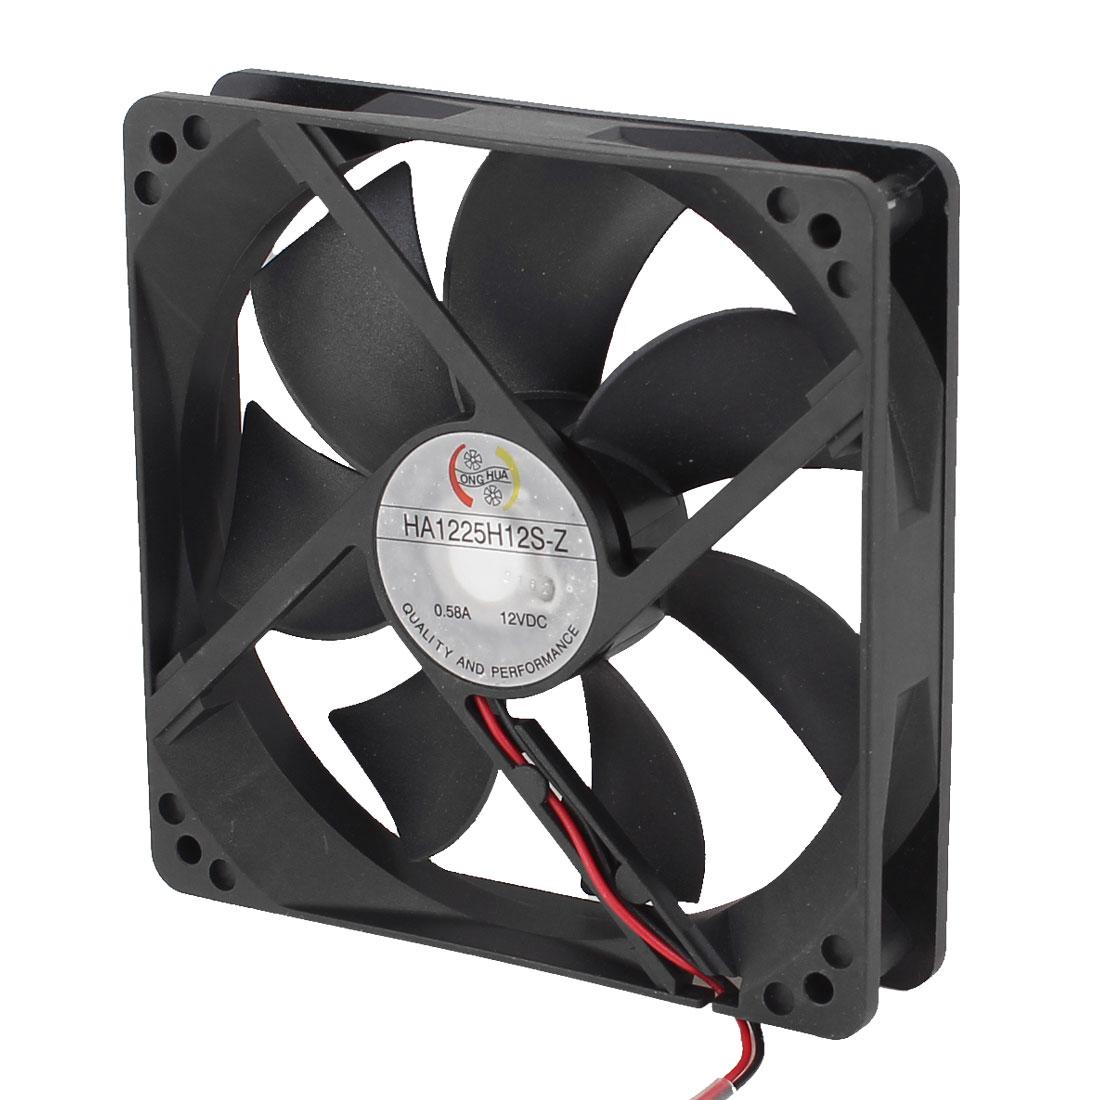 0.58A DC12V Sleeve Bearing 2pole PC Desktop Cooling Cooler Fan 120mm